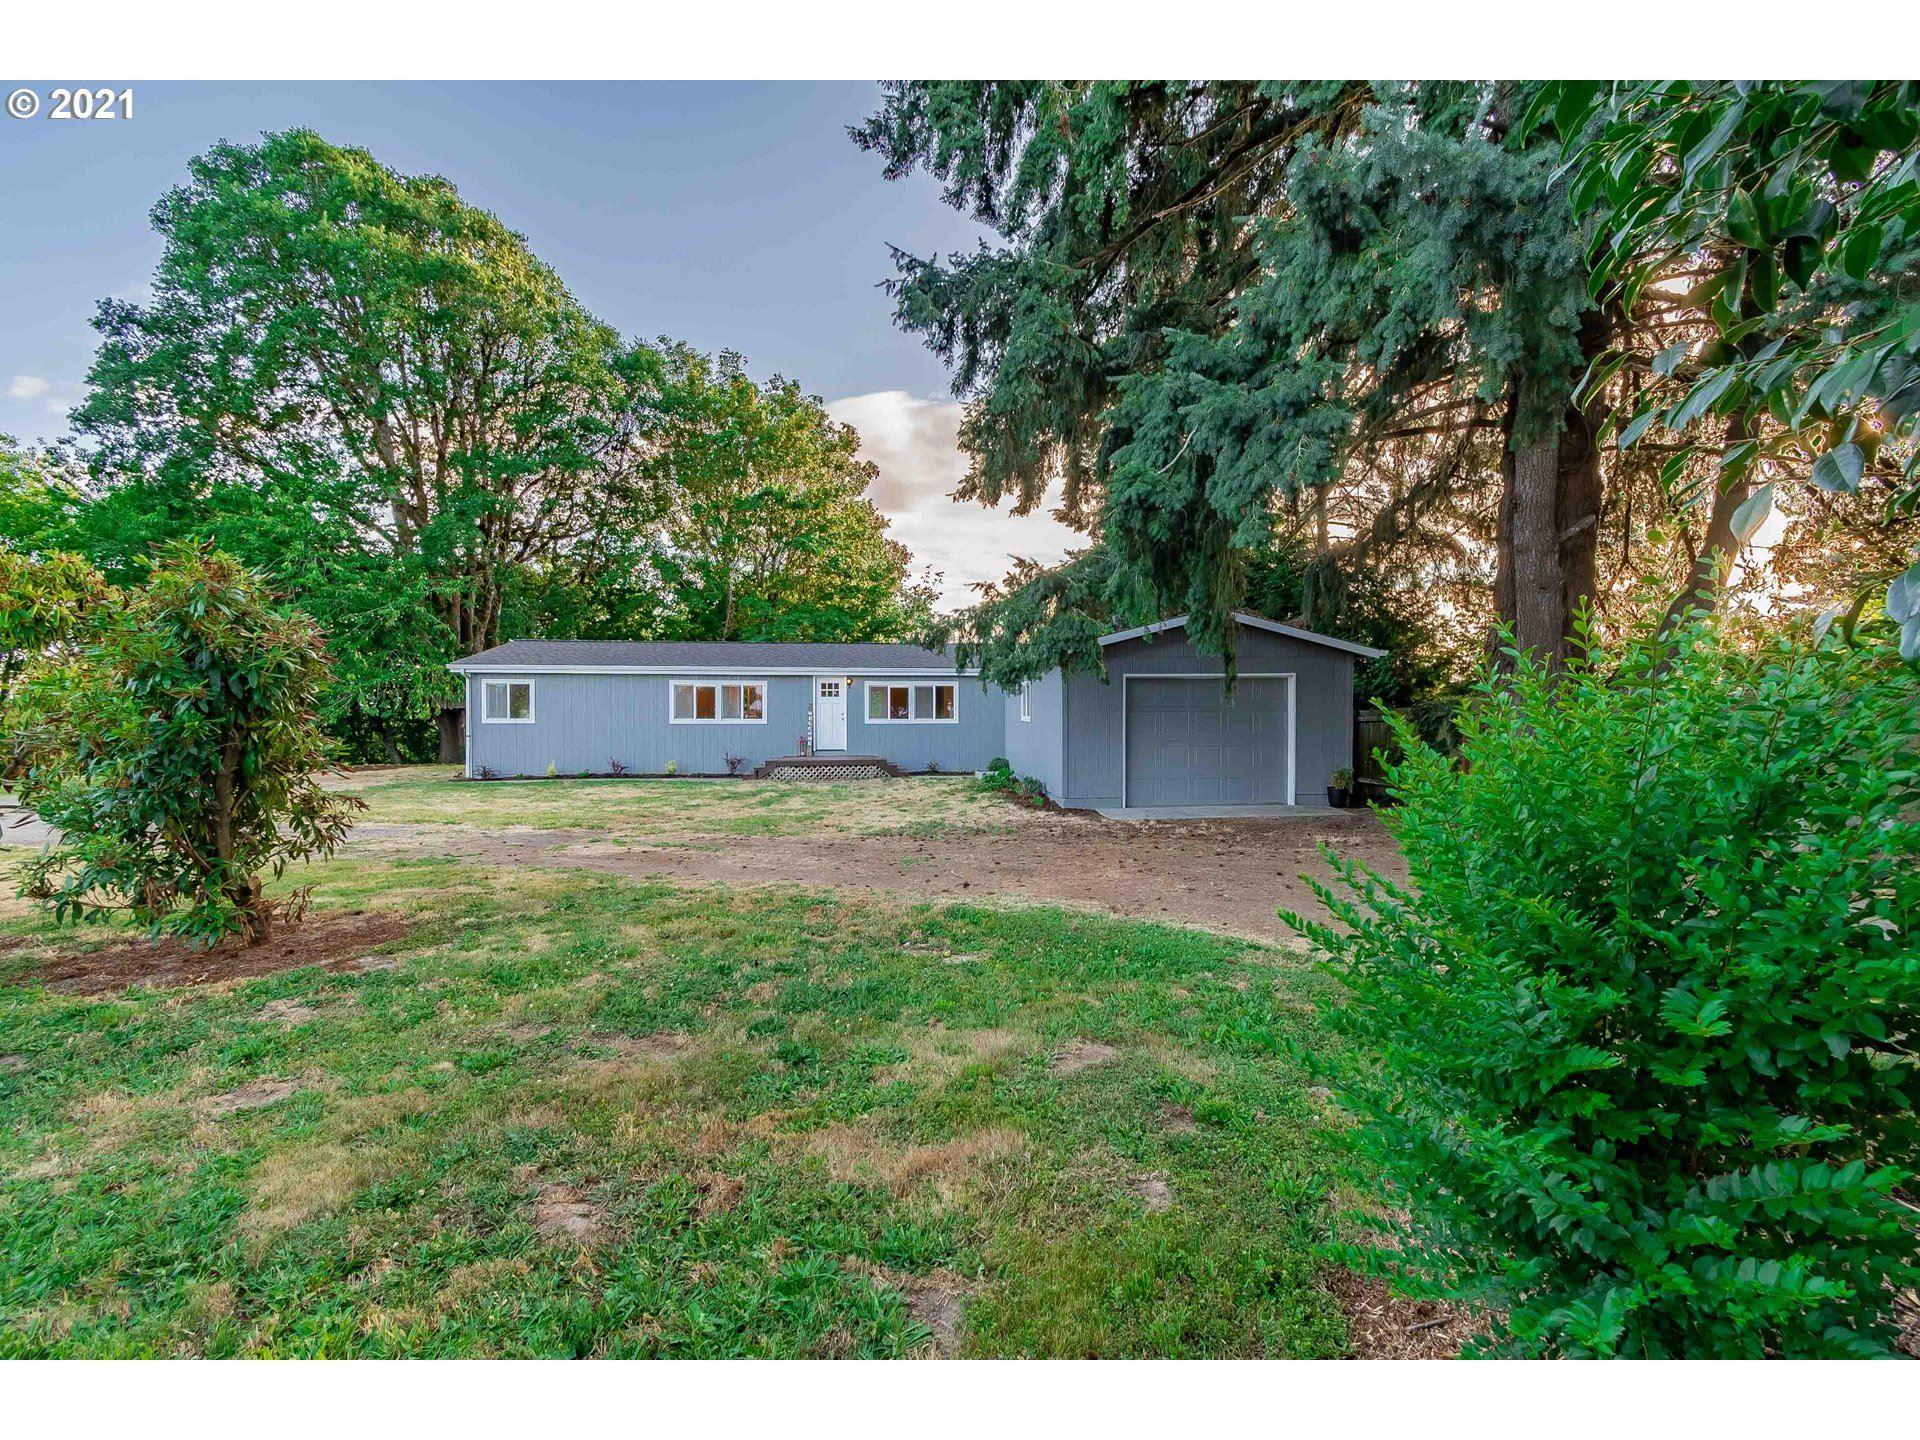 305 SCOTT HILL RD, Woodland, WA 98674 - MLS#: 21688423